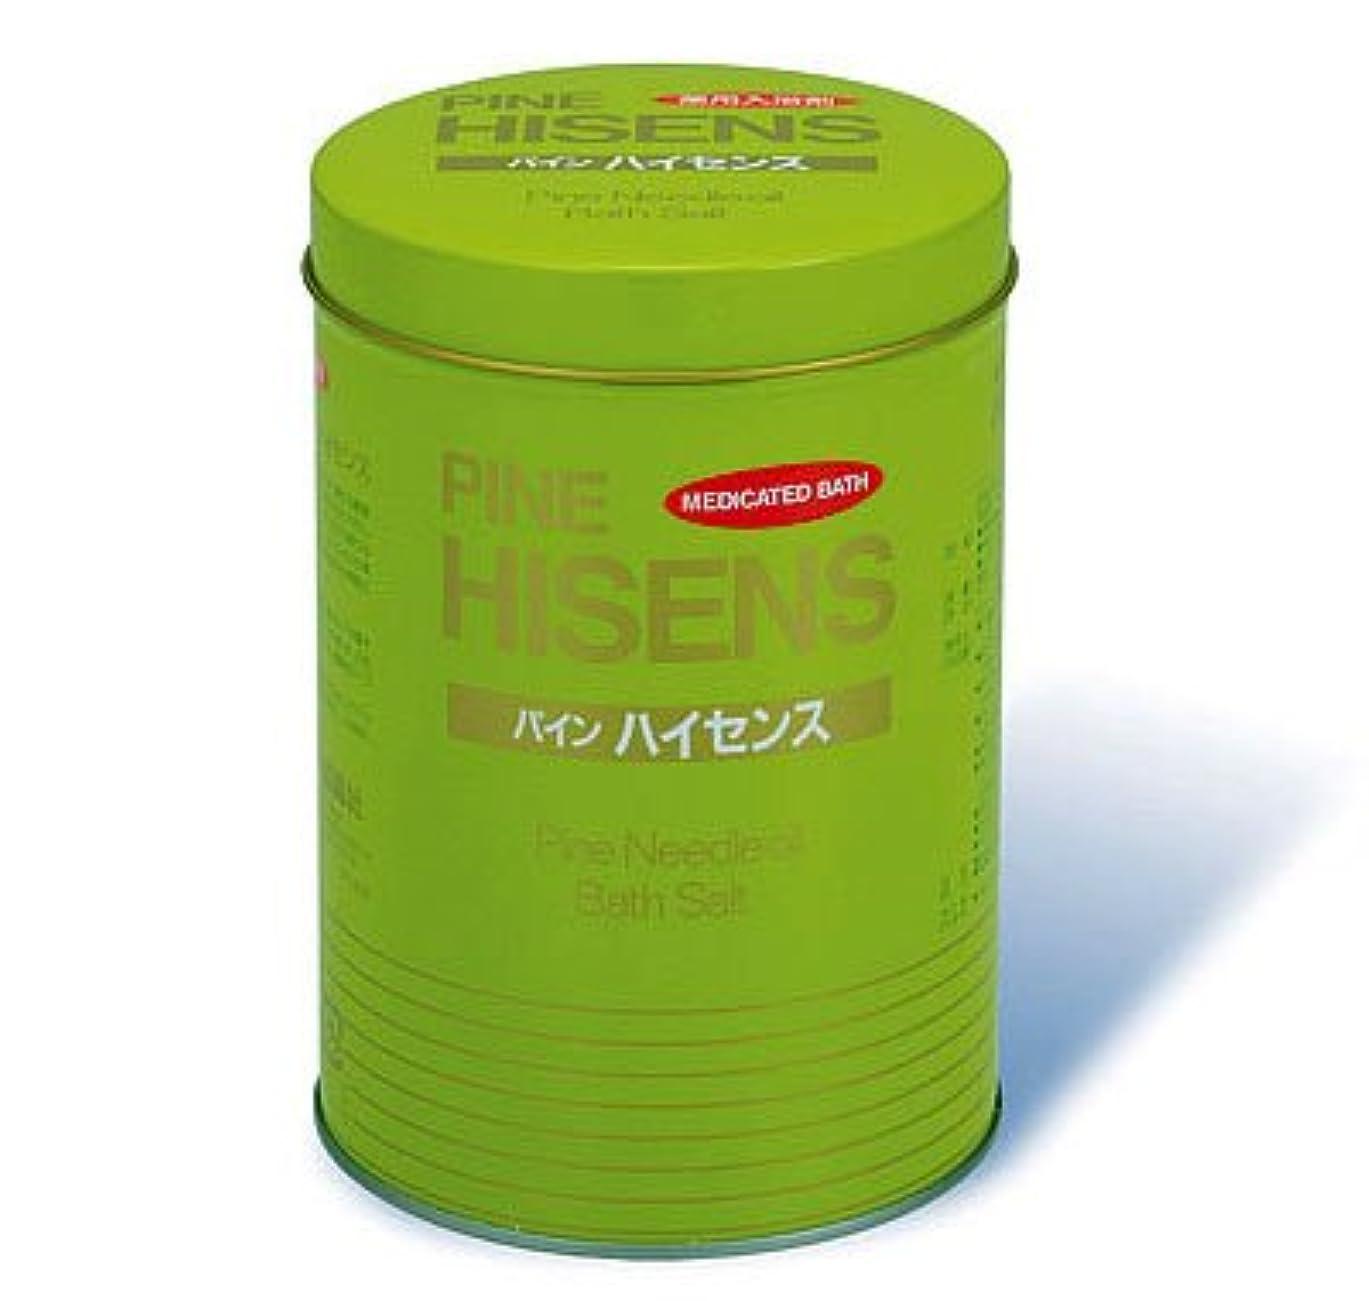 残忍な医薬ヒント高陽社 薬用入浴剤 パインハイセンス 2.1kg 1缶